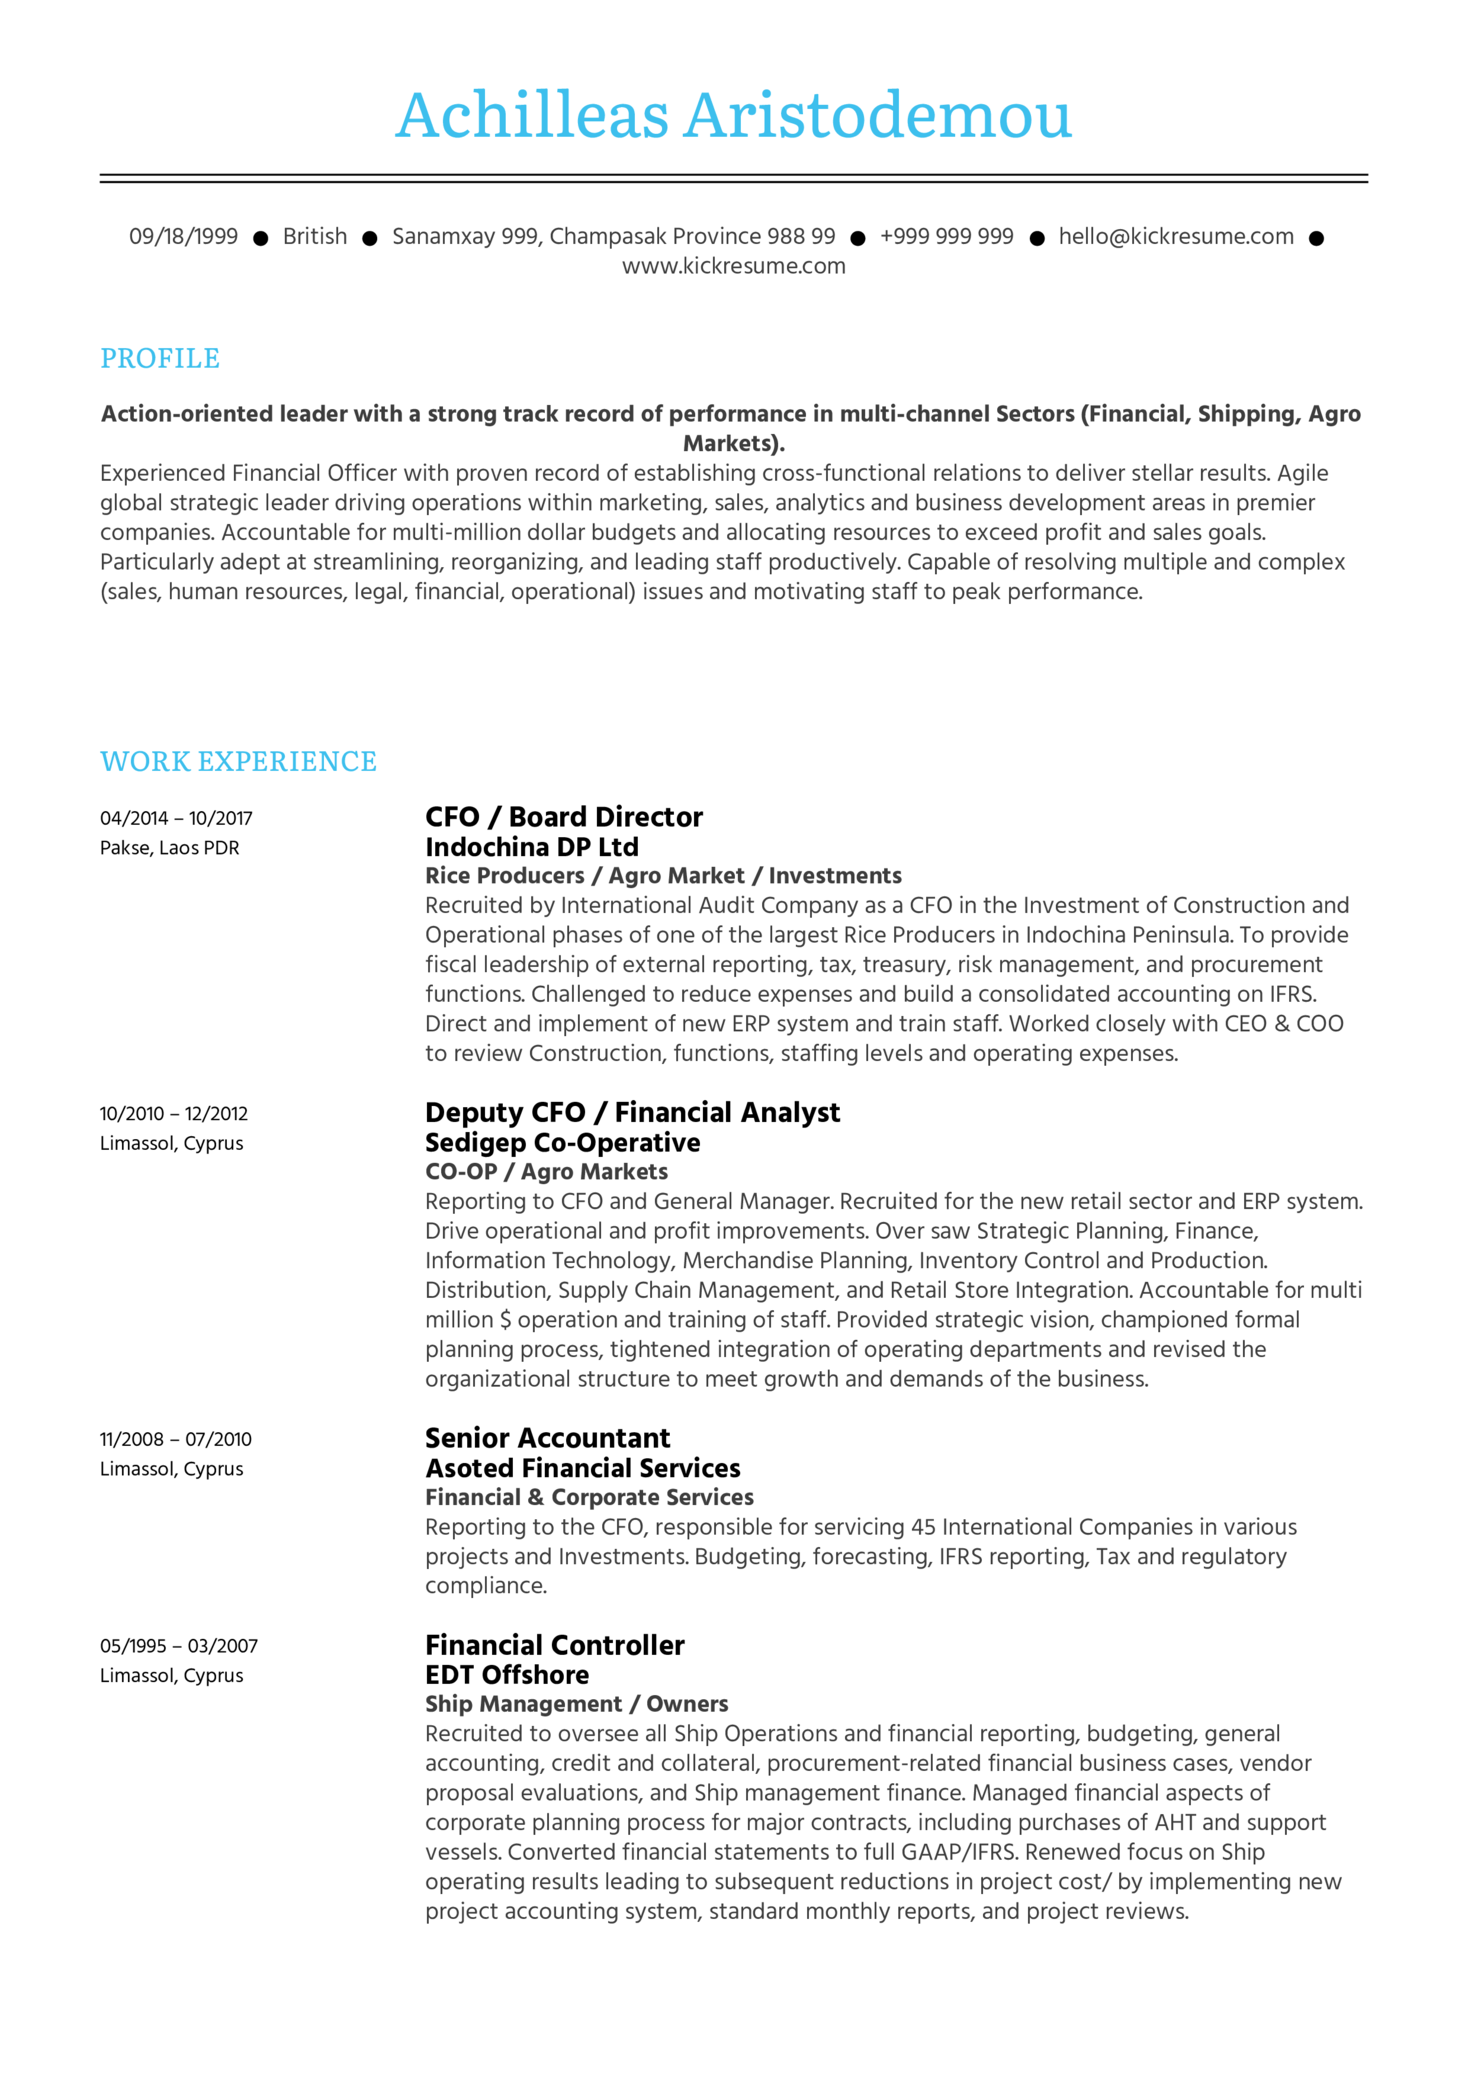 Software Asset Manager CV Sample (Parte 1)